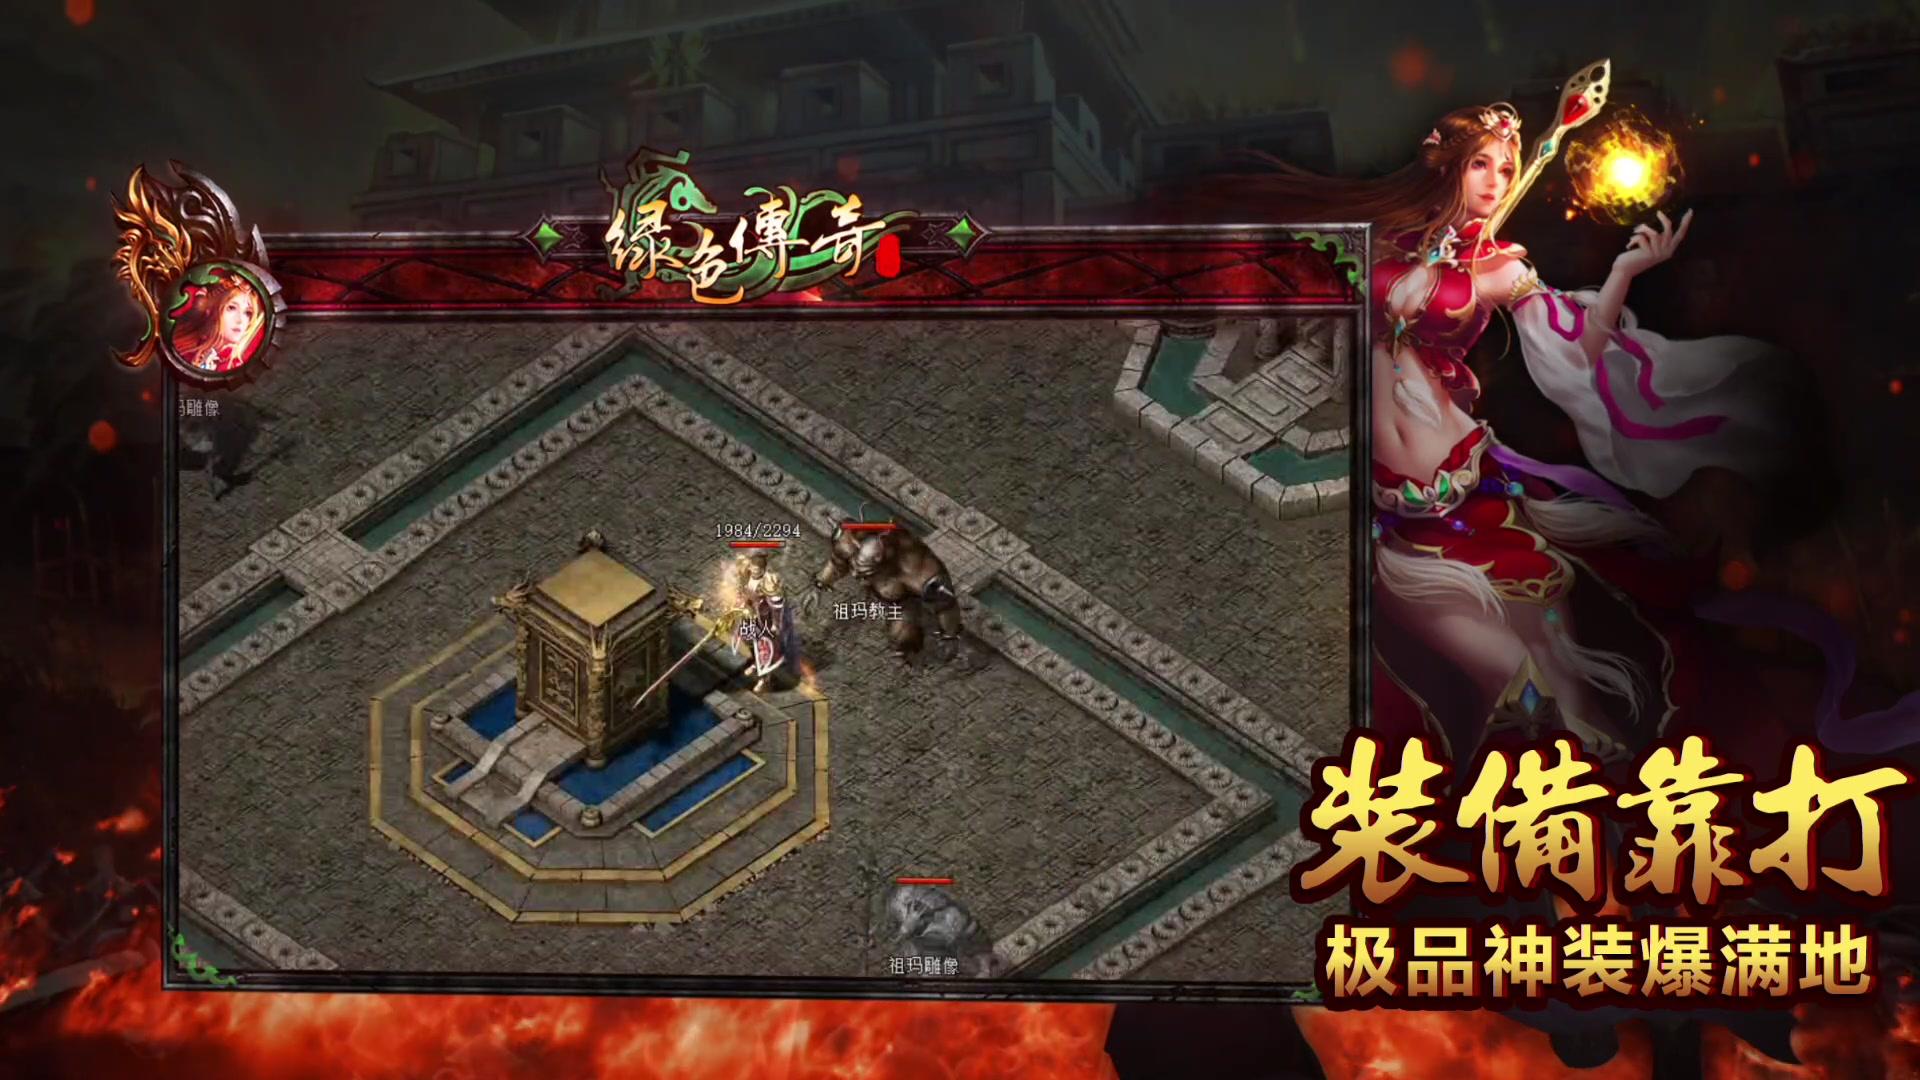 《绿色传奇:传奇正传》游戏最终宣传视频